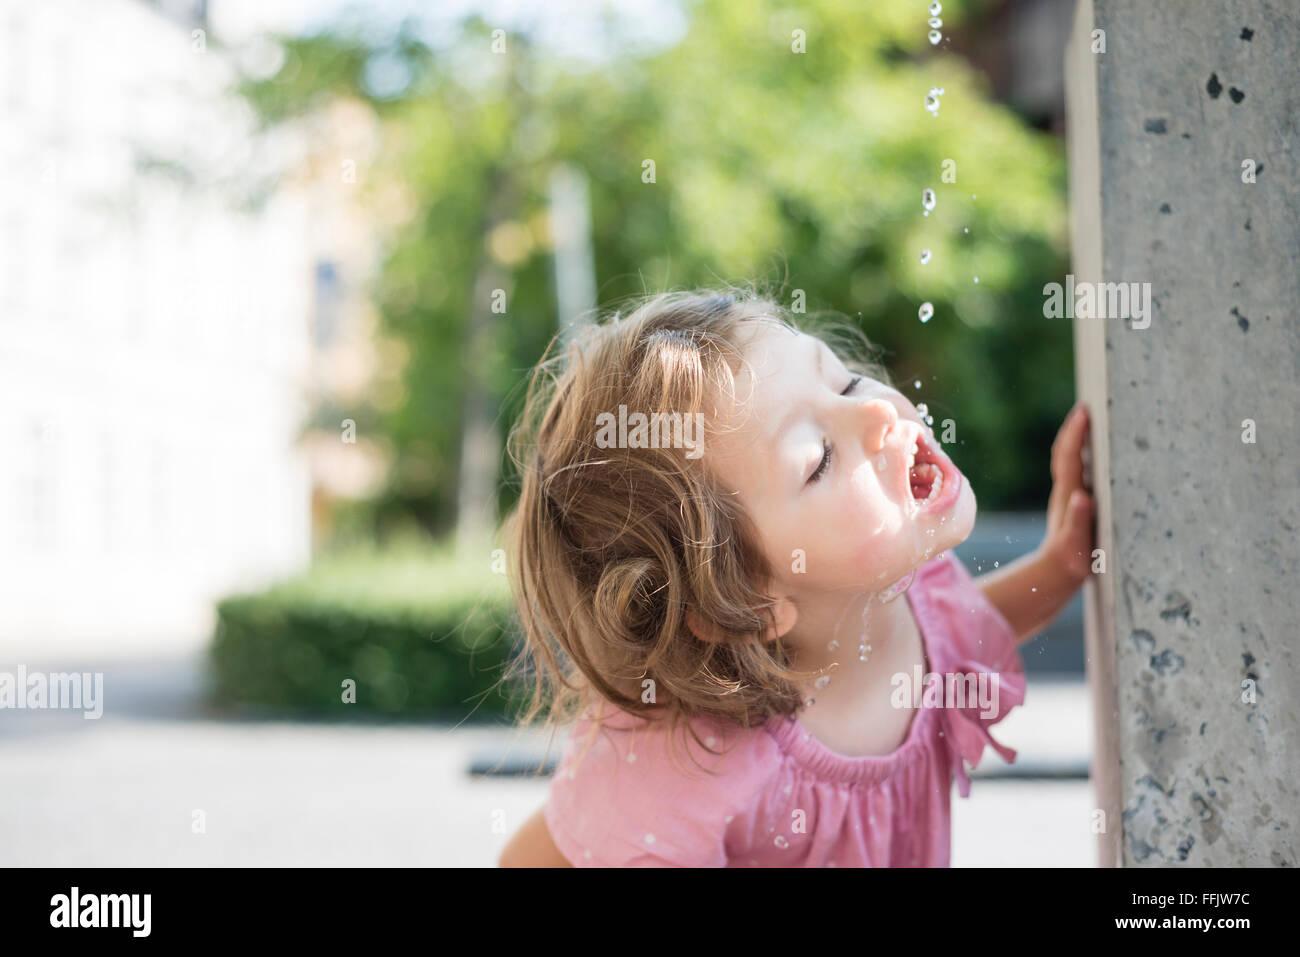 Niña de beber agua de la fuente Imagen De Stock